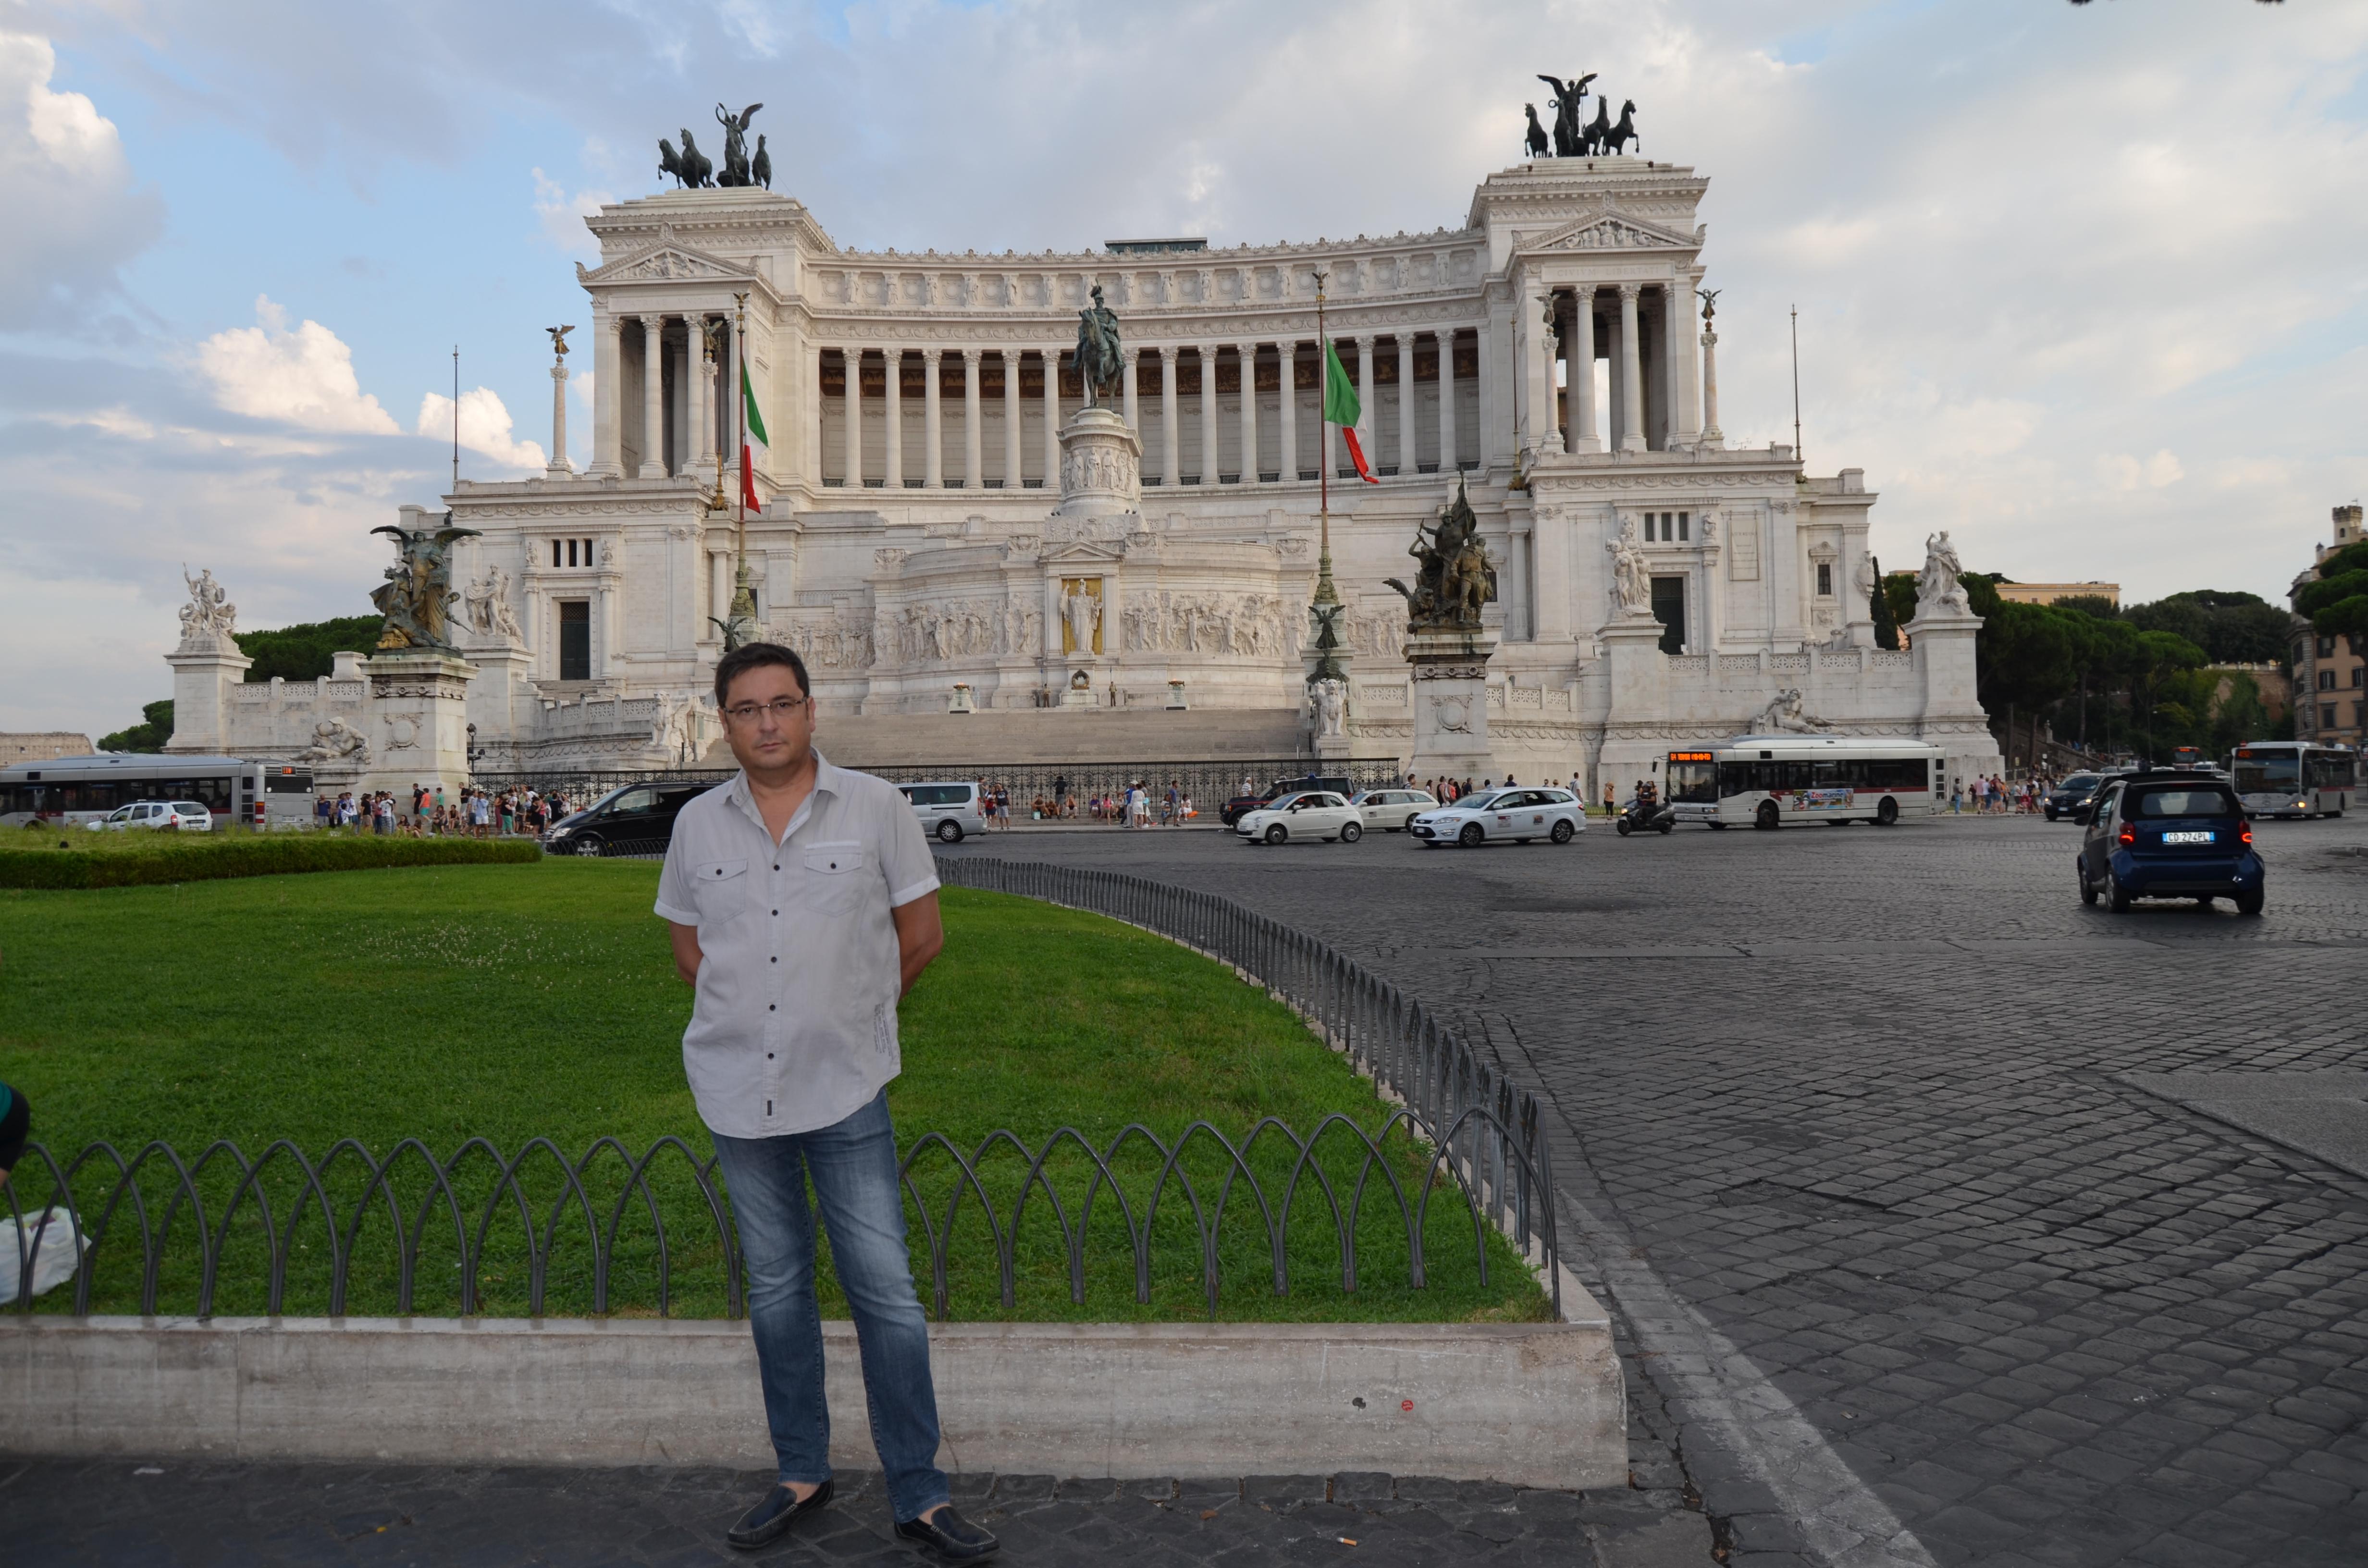 Alfonso con el Monumento a Vittorio Emanuele en Roma